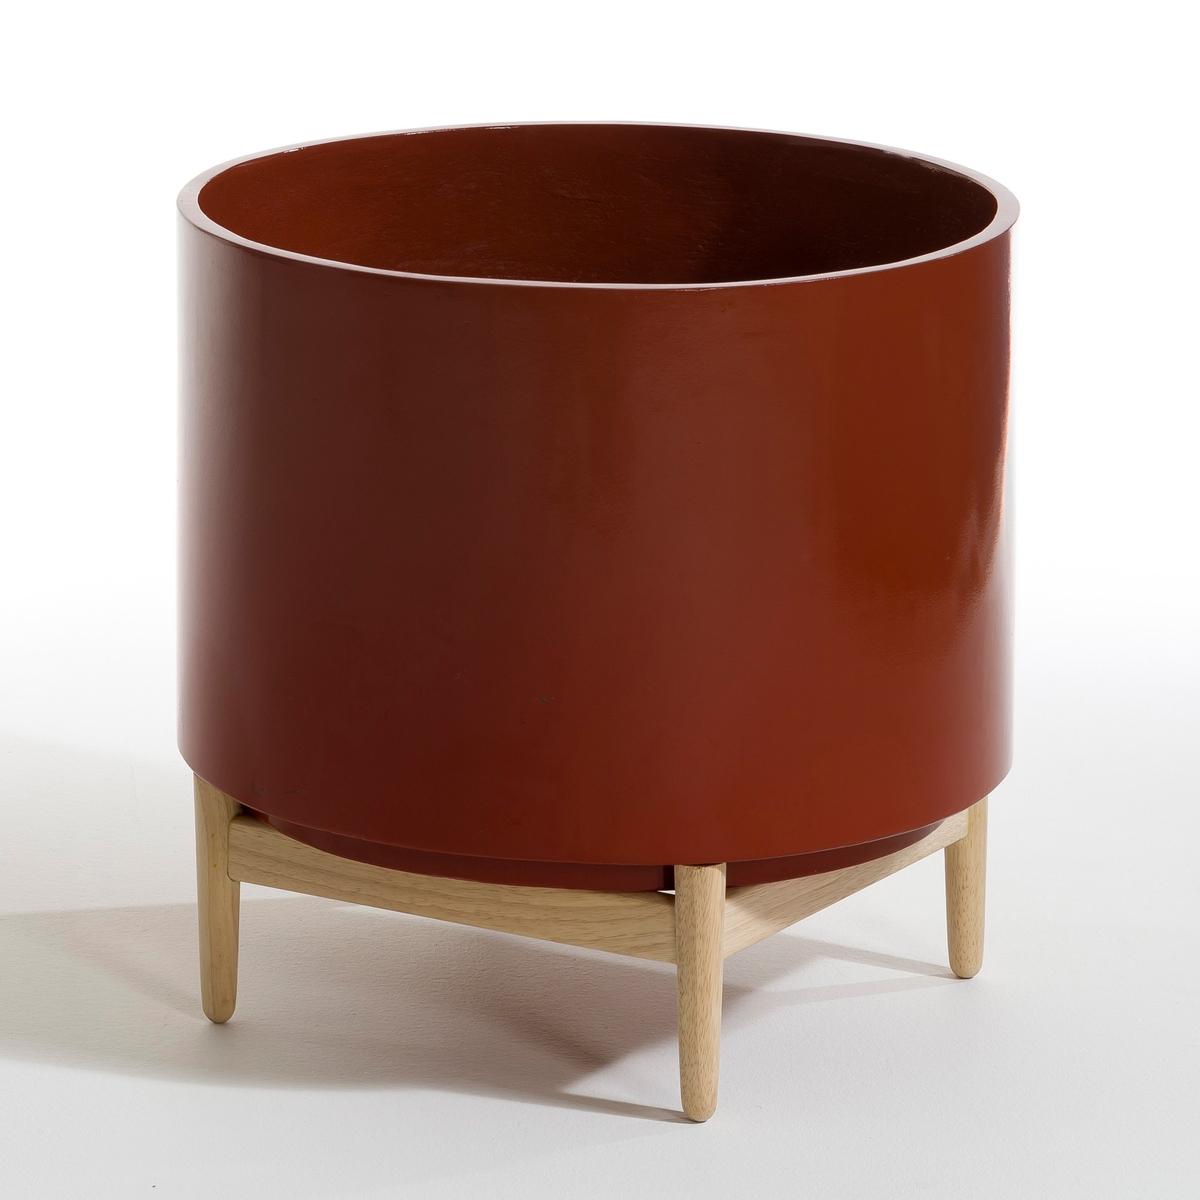 Кашпо La Redoute В см Florian единый размер каштановый стула la redoute барных watford единый размер каштановый